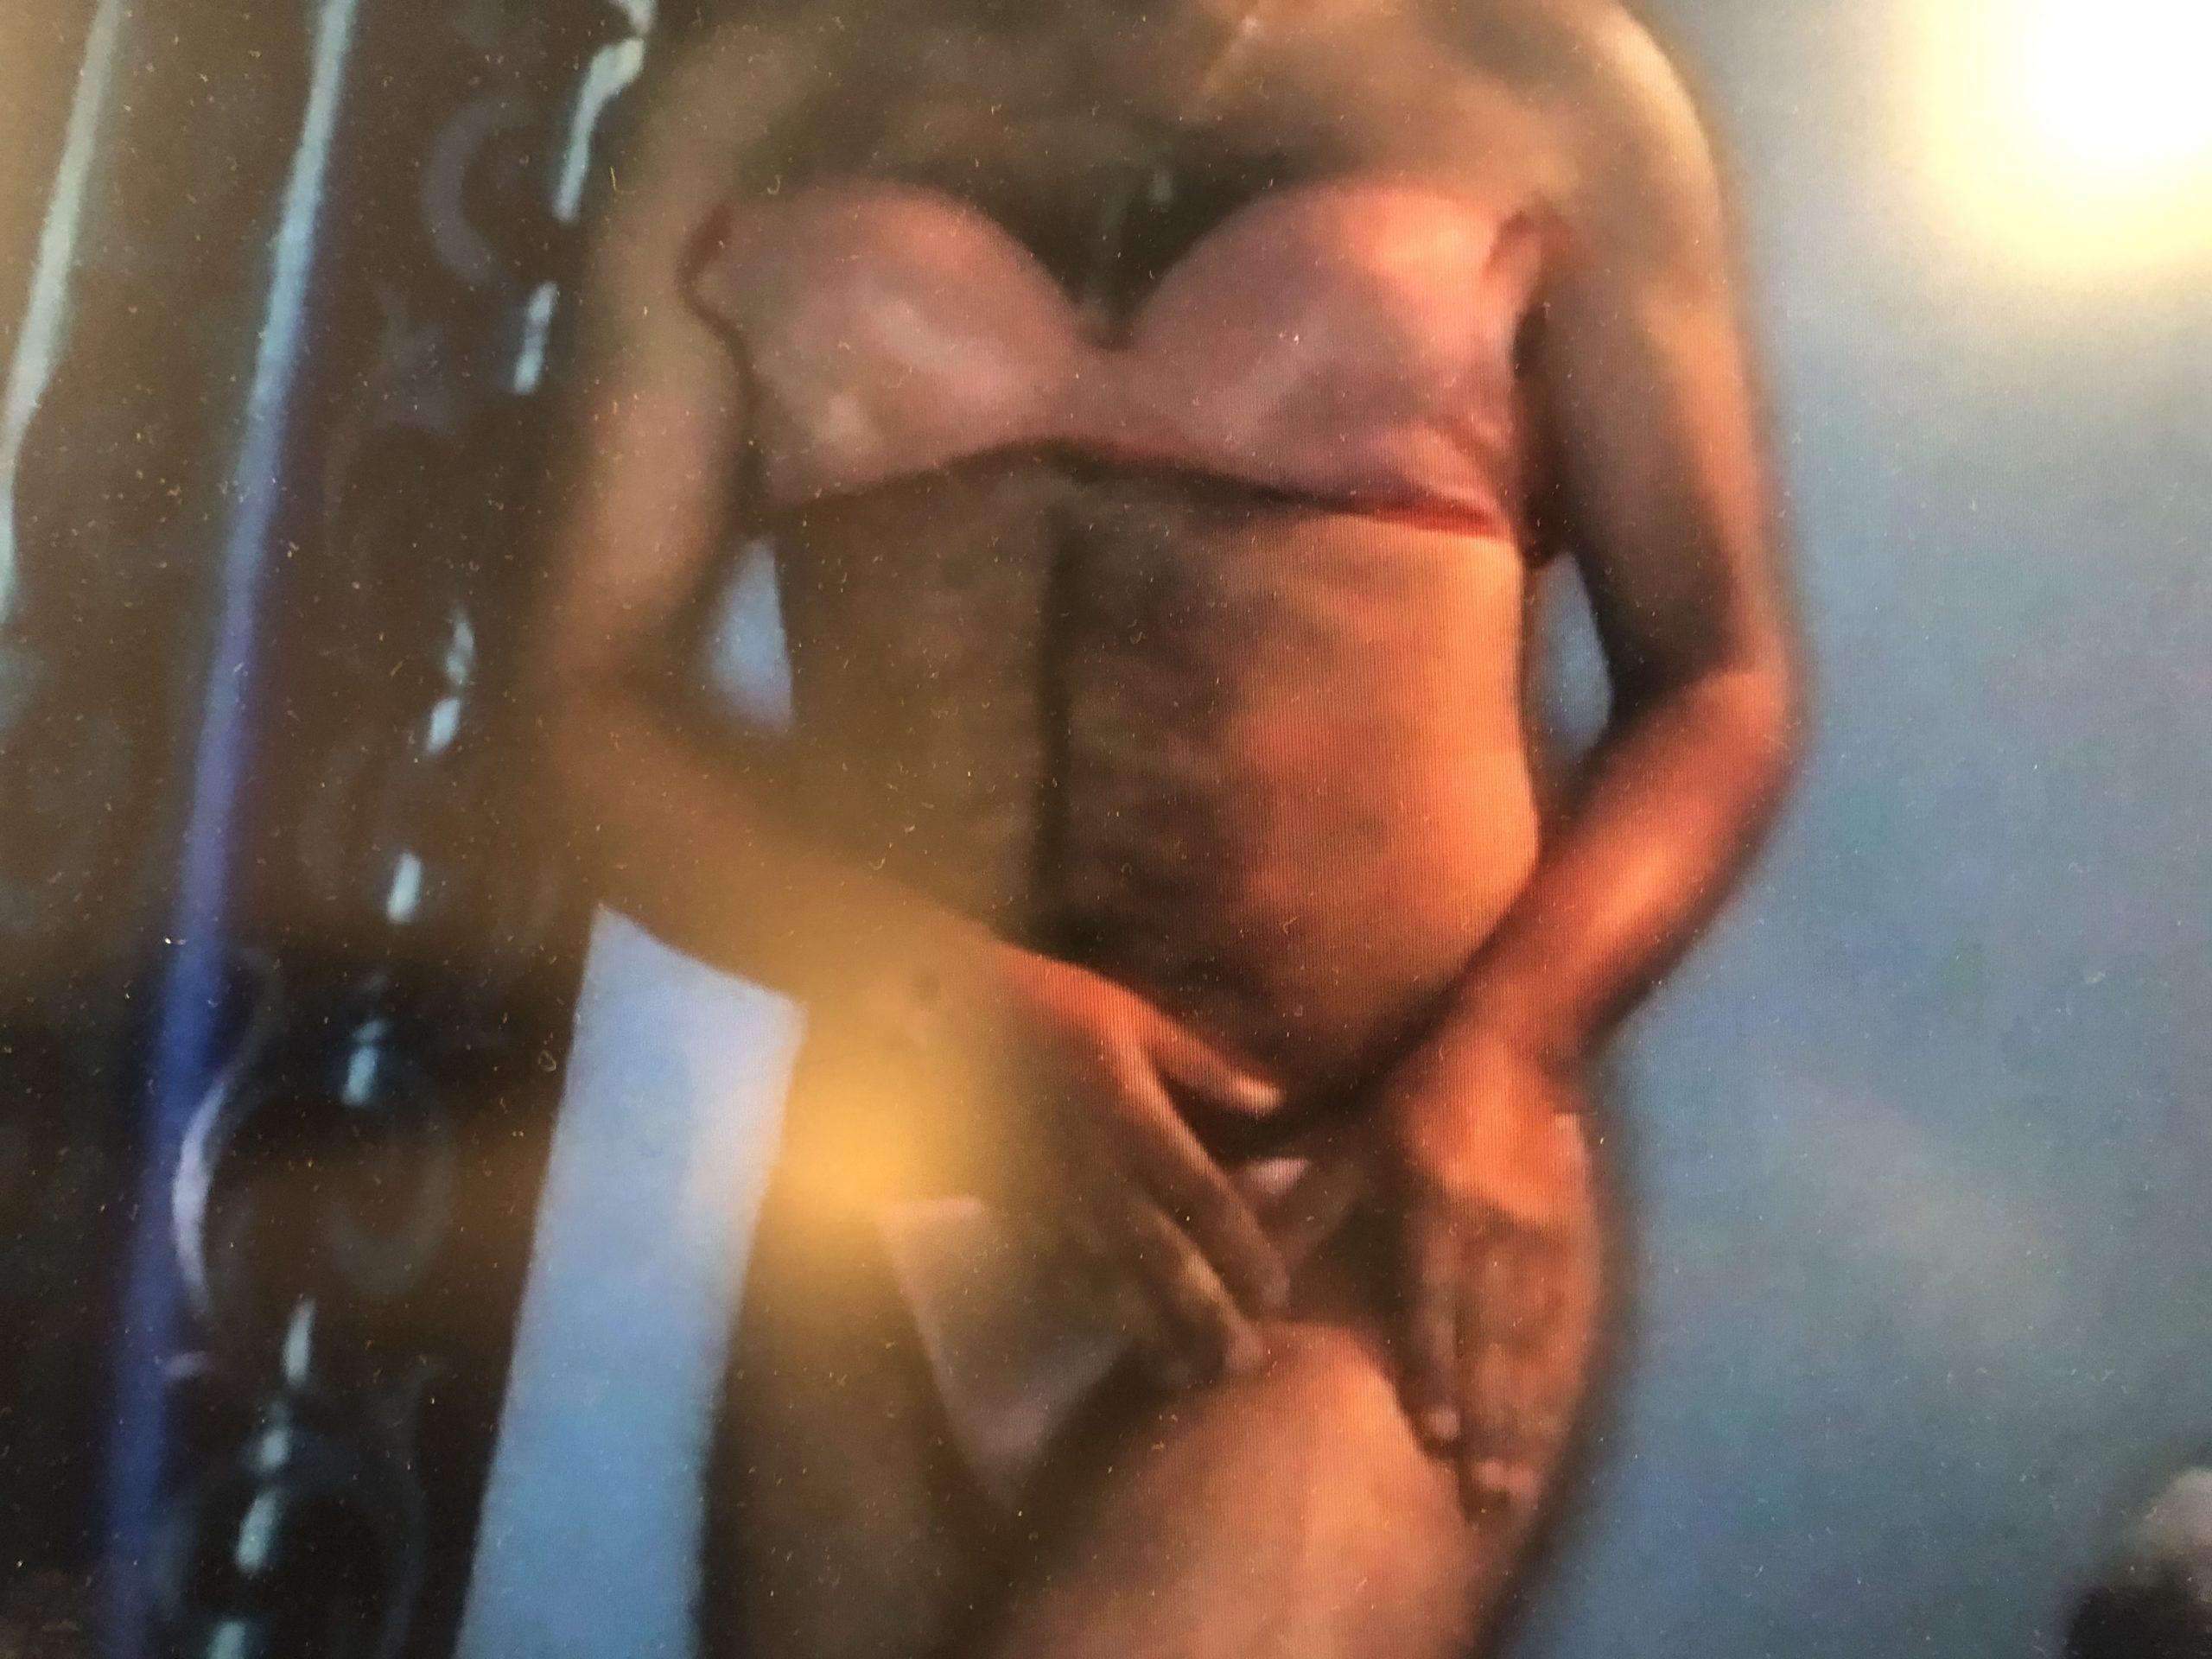 sissy on webcam exposed